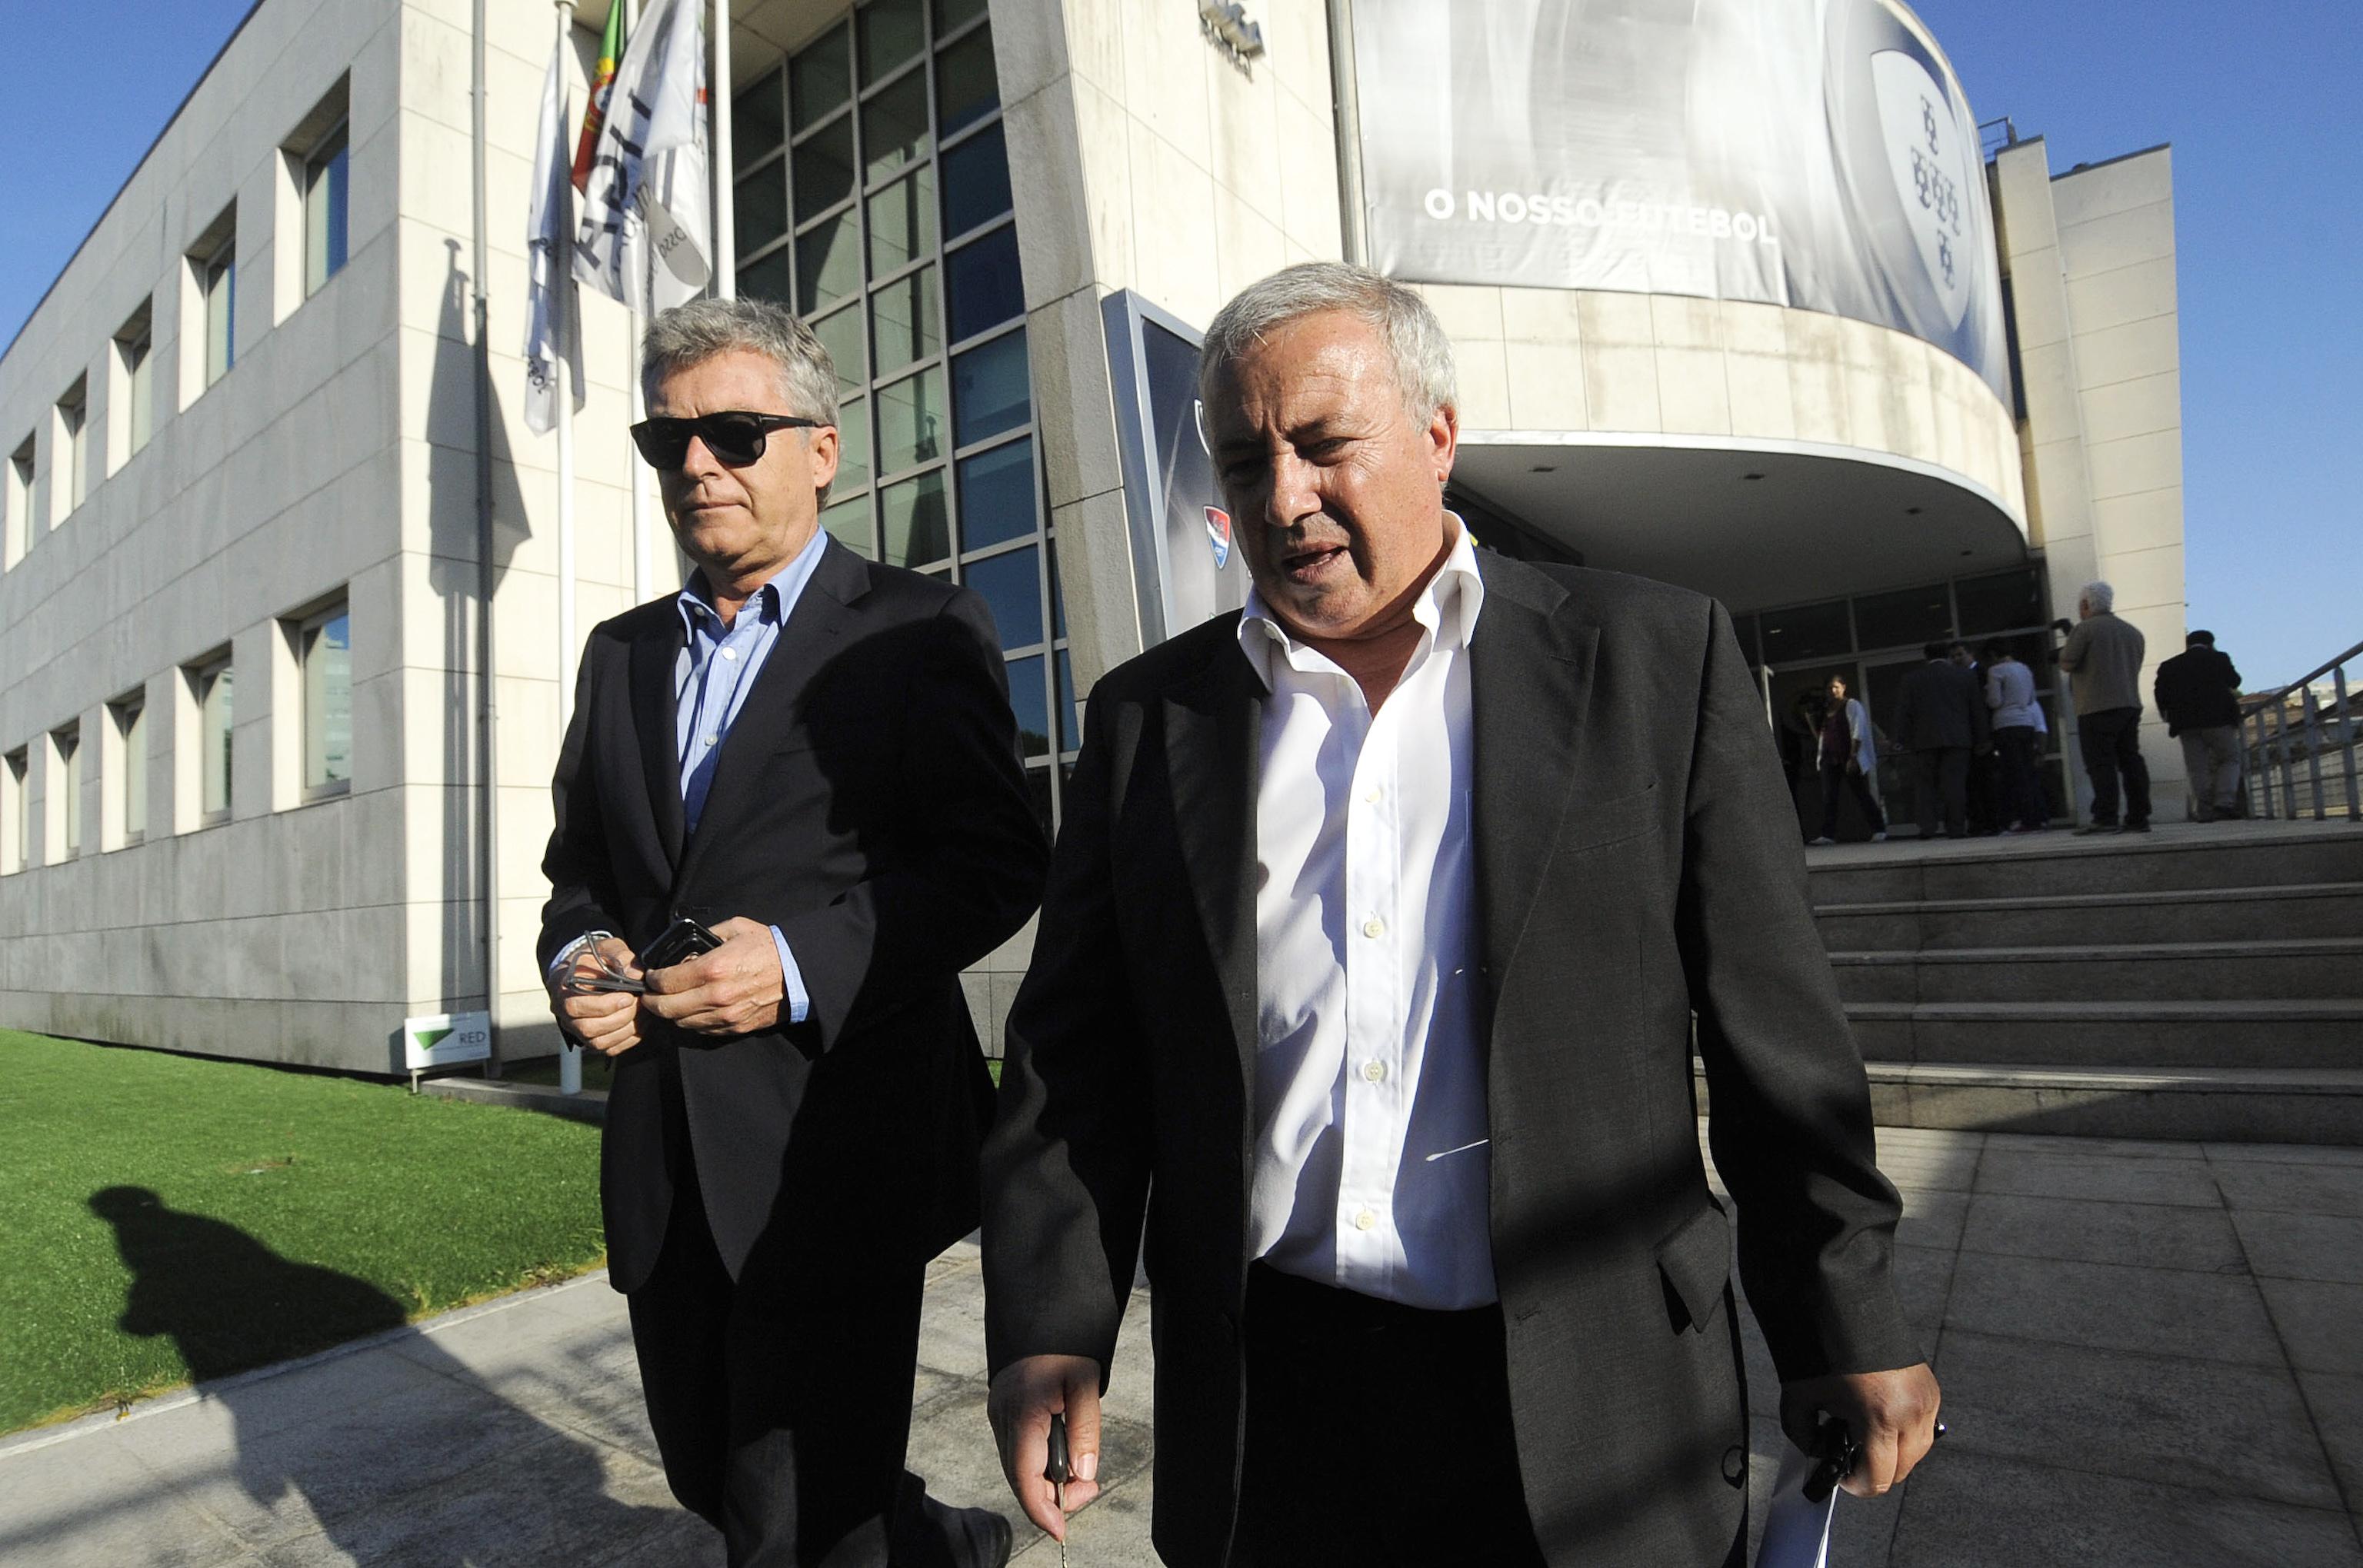 Fernando Rocha reeleito presidente do Portimonense Sporting Clube